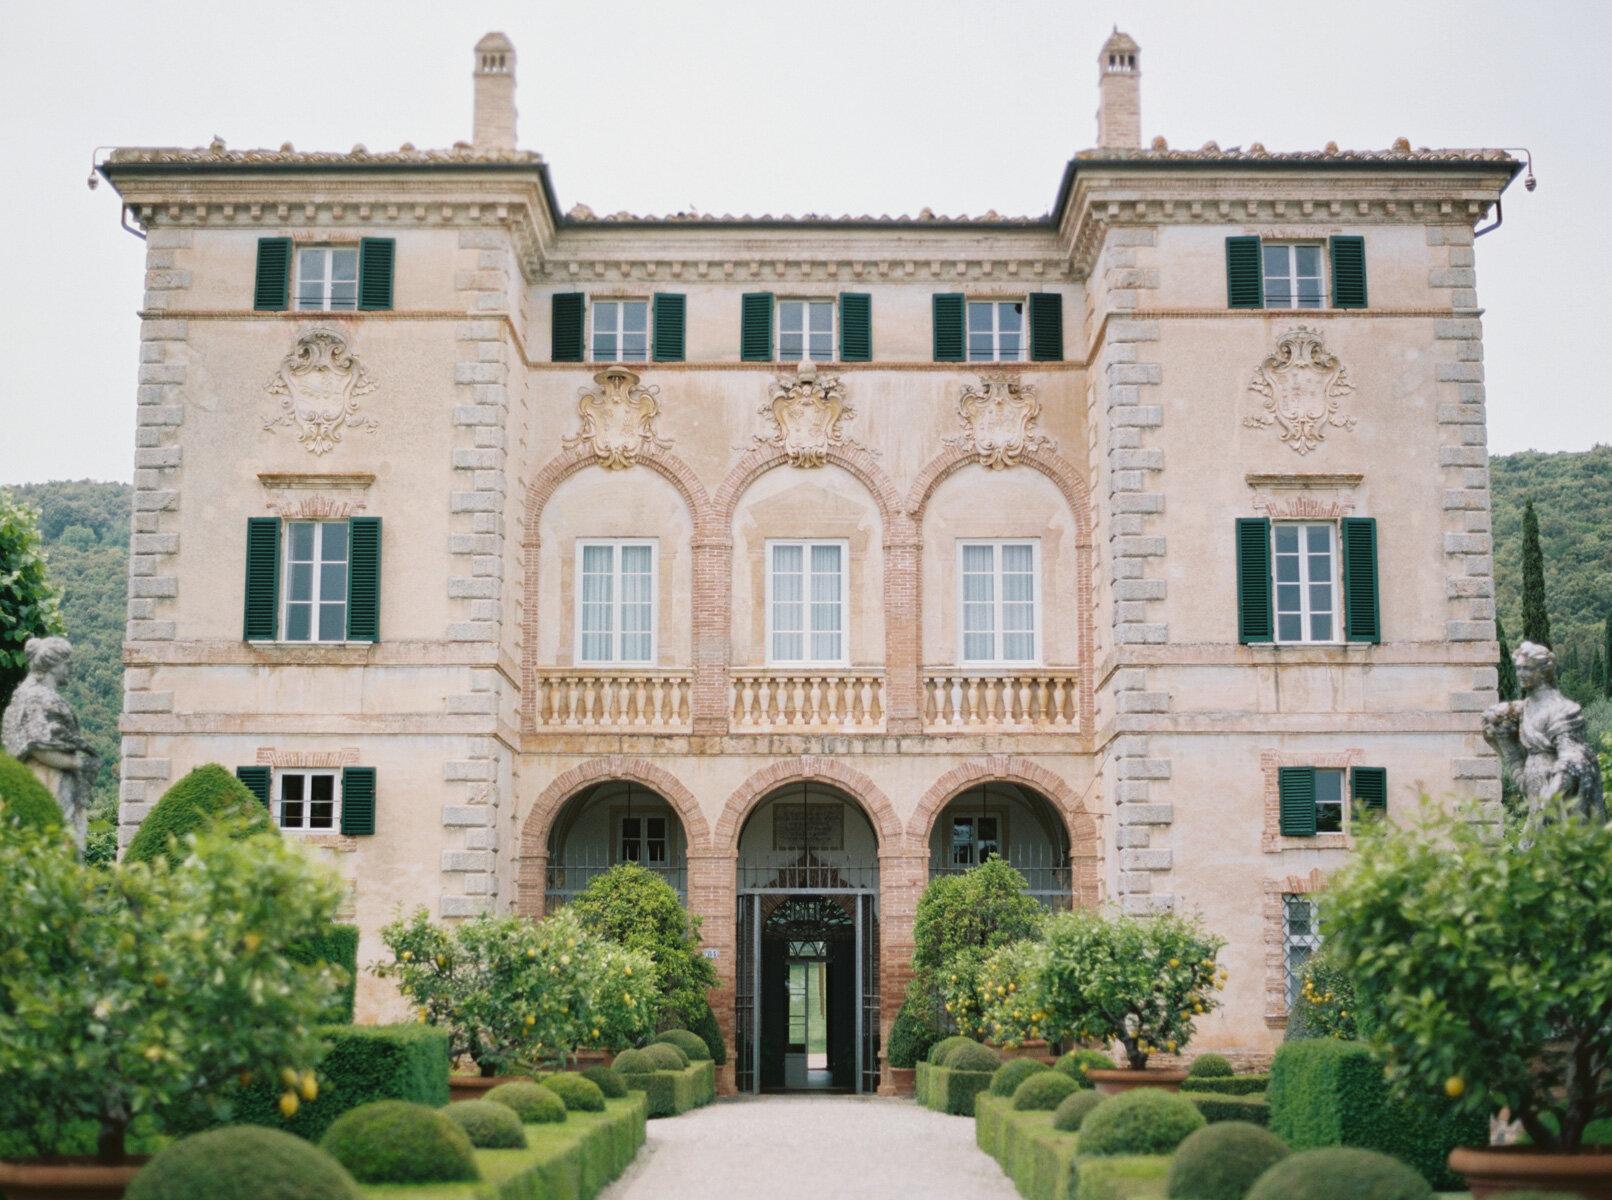 Villa-Cetinale-Tuscany-Katie-Grant-destination-wedding (7 of 115).jpg